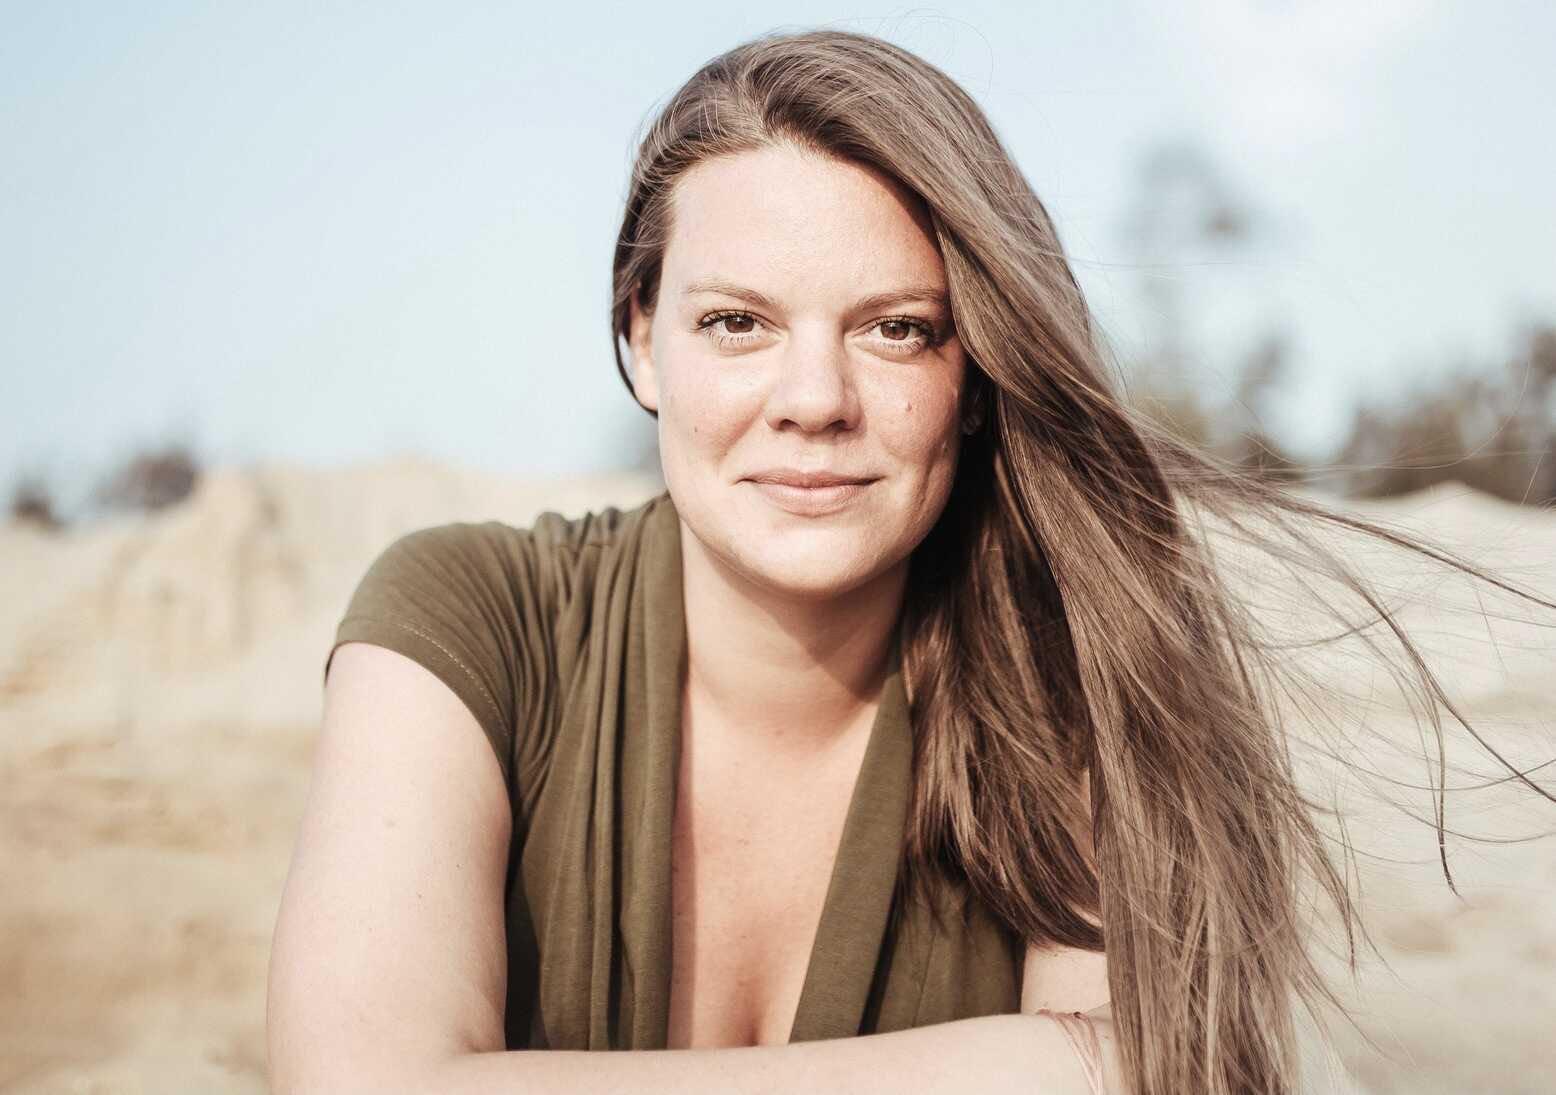 «Сделал вид, что меня не знает»: Вера Полозкова рассказала, как складываются её отношения с женатым любовником